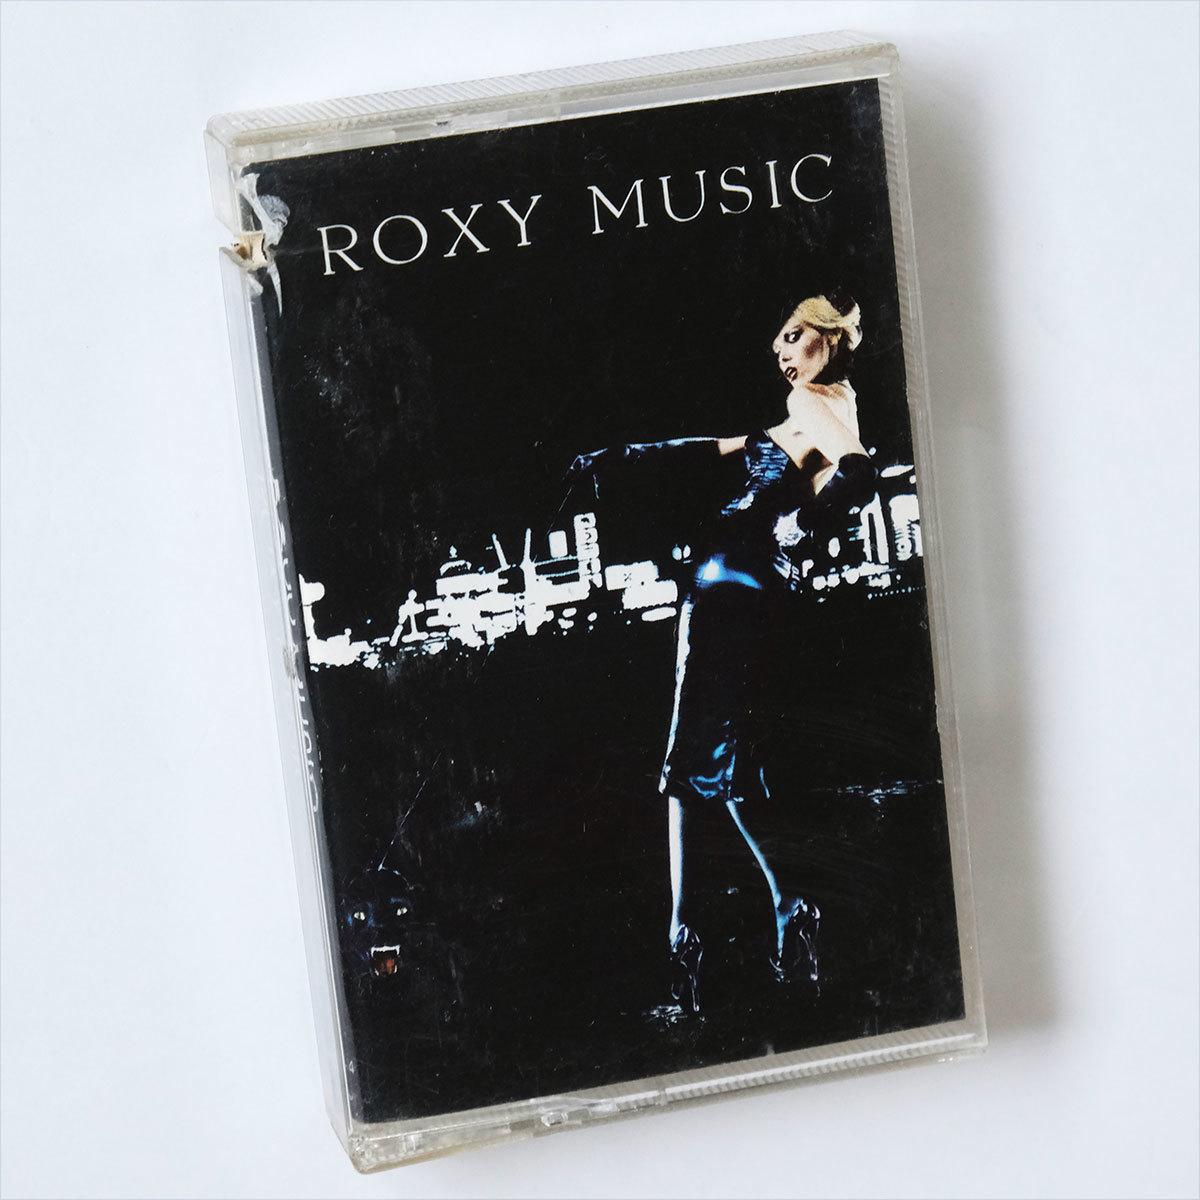 《US版カセットテープ》Roxy Music●For Your Pleasure●ロキシー ミュージック●フォー ユア プレジャー_画像1